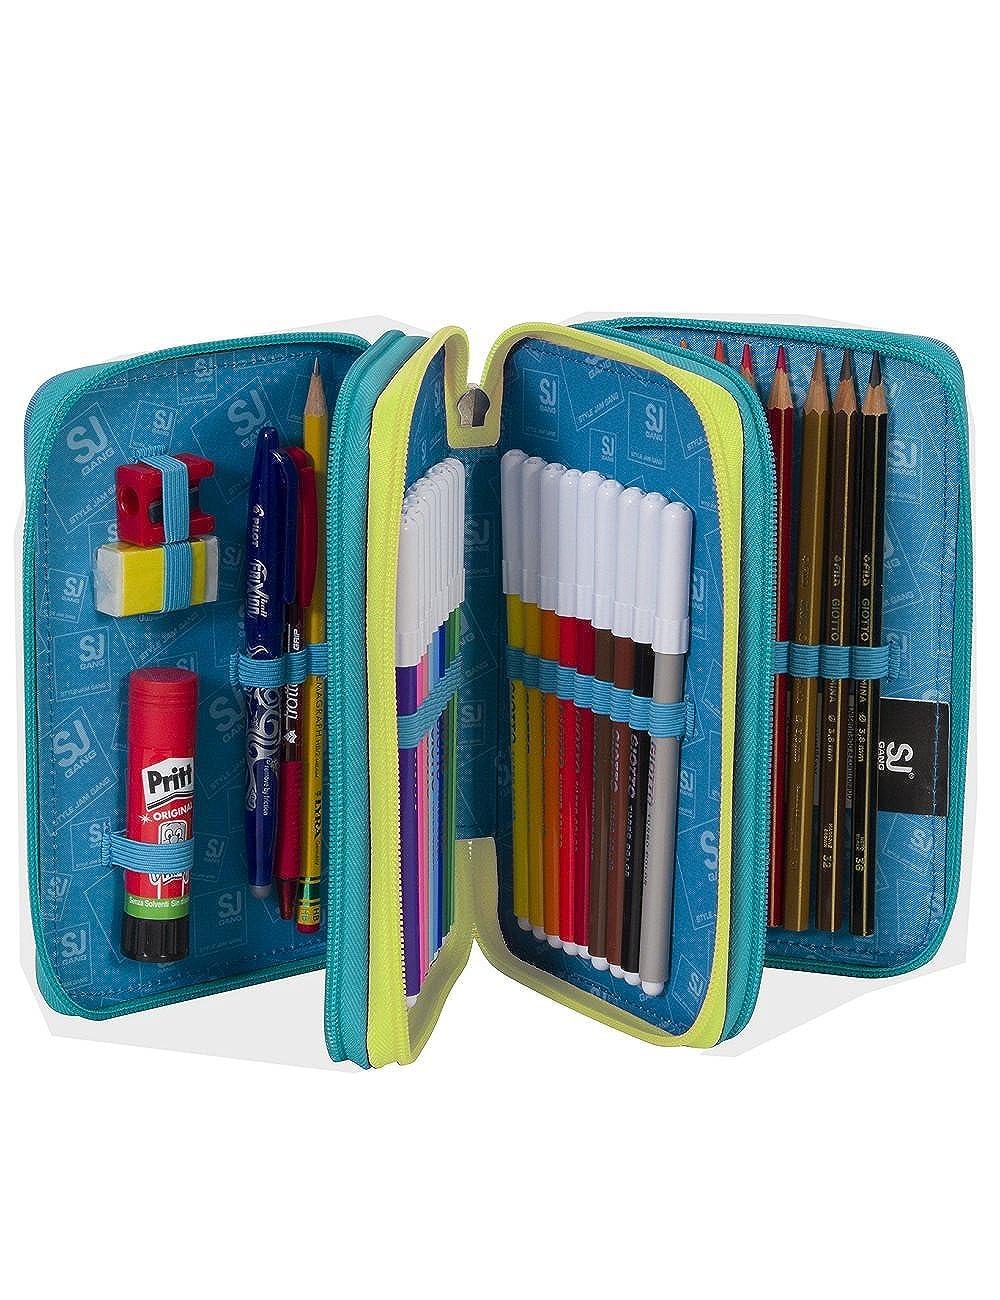 3 Zip Red Yellow erasable pen felt tips eraser ecc School Pencil Case SEVEN SJ BOY